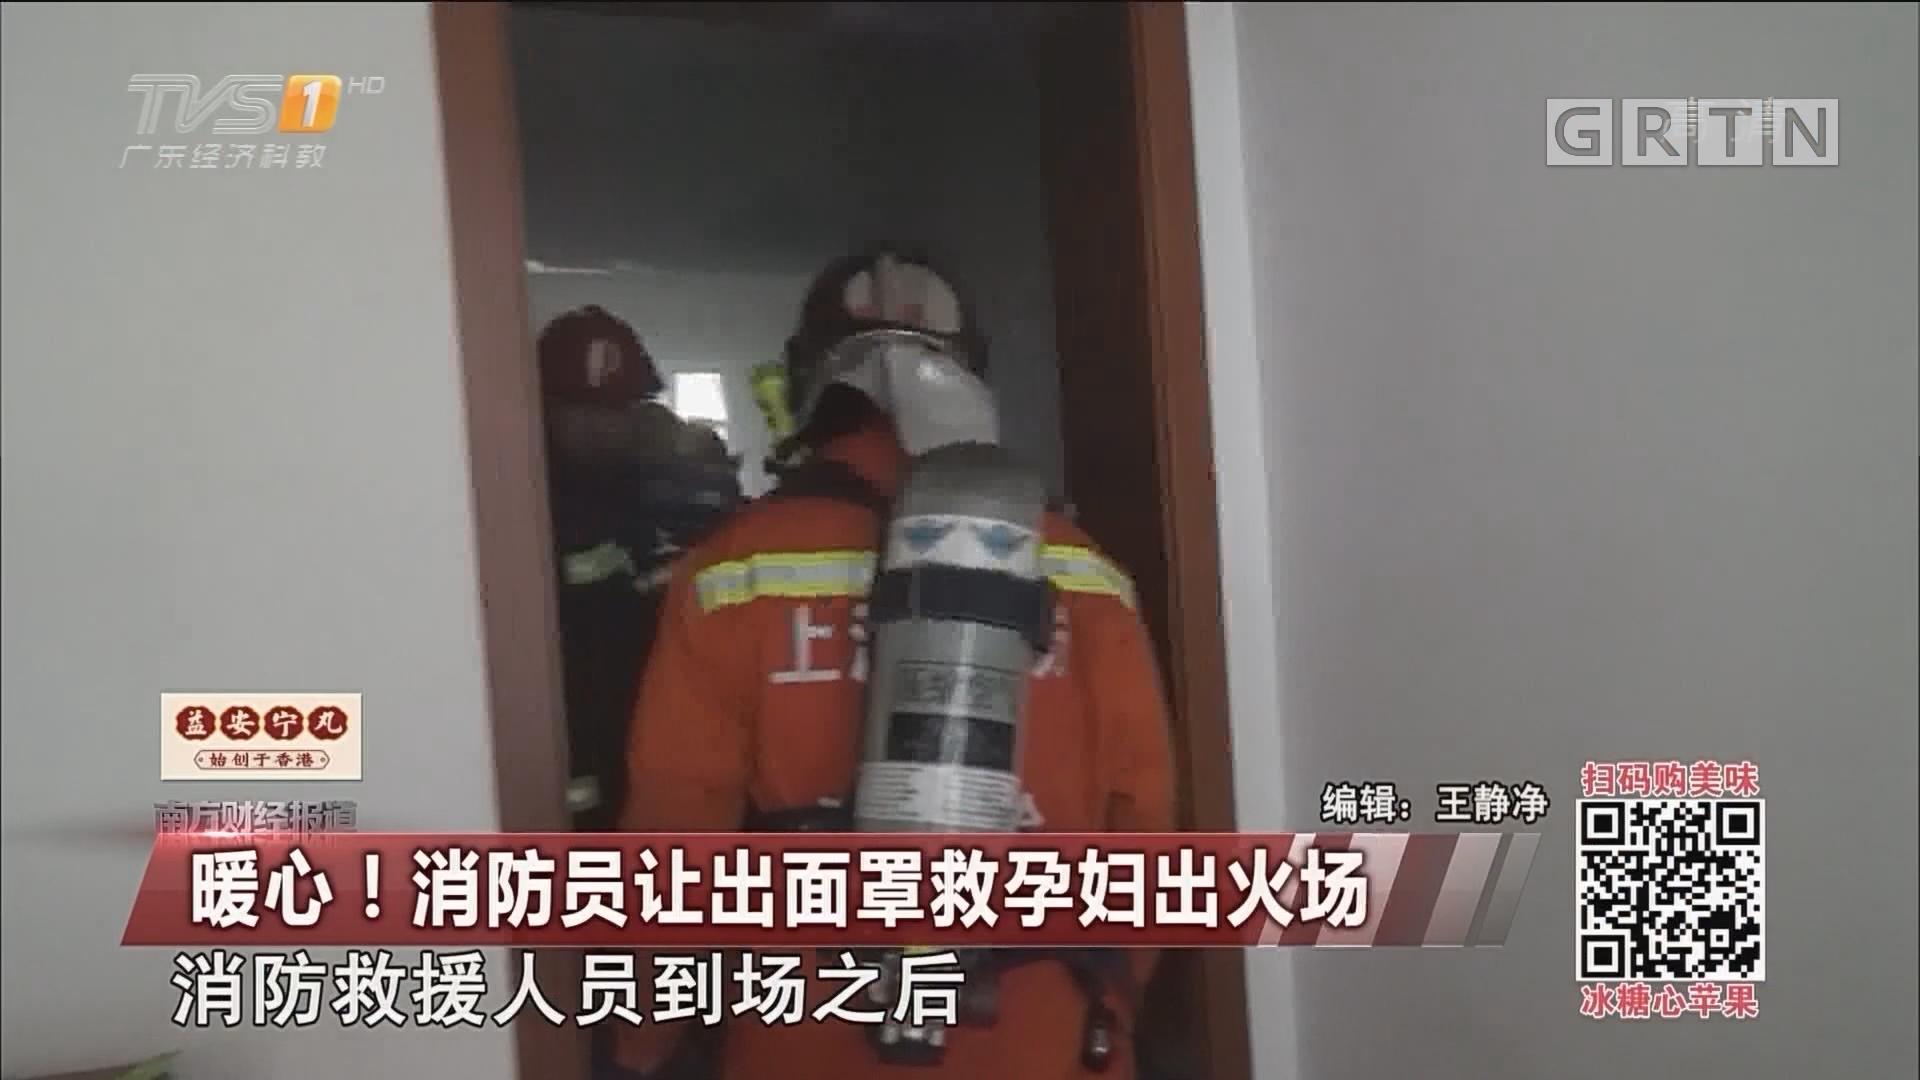 暖心!消防员让出面罩救孕妇出火场